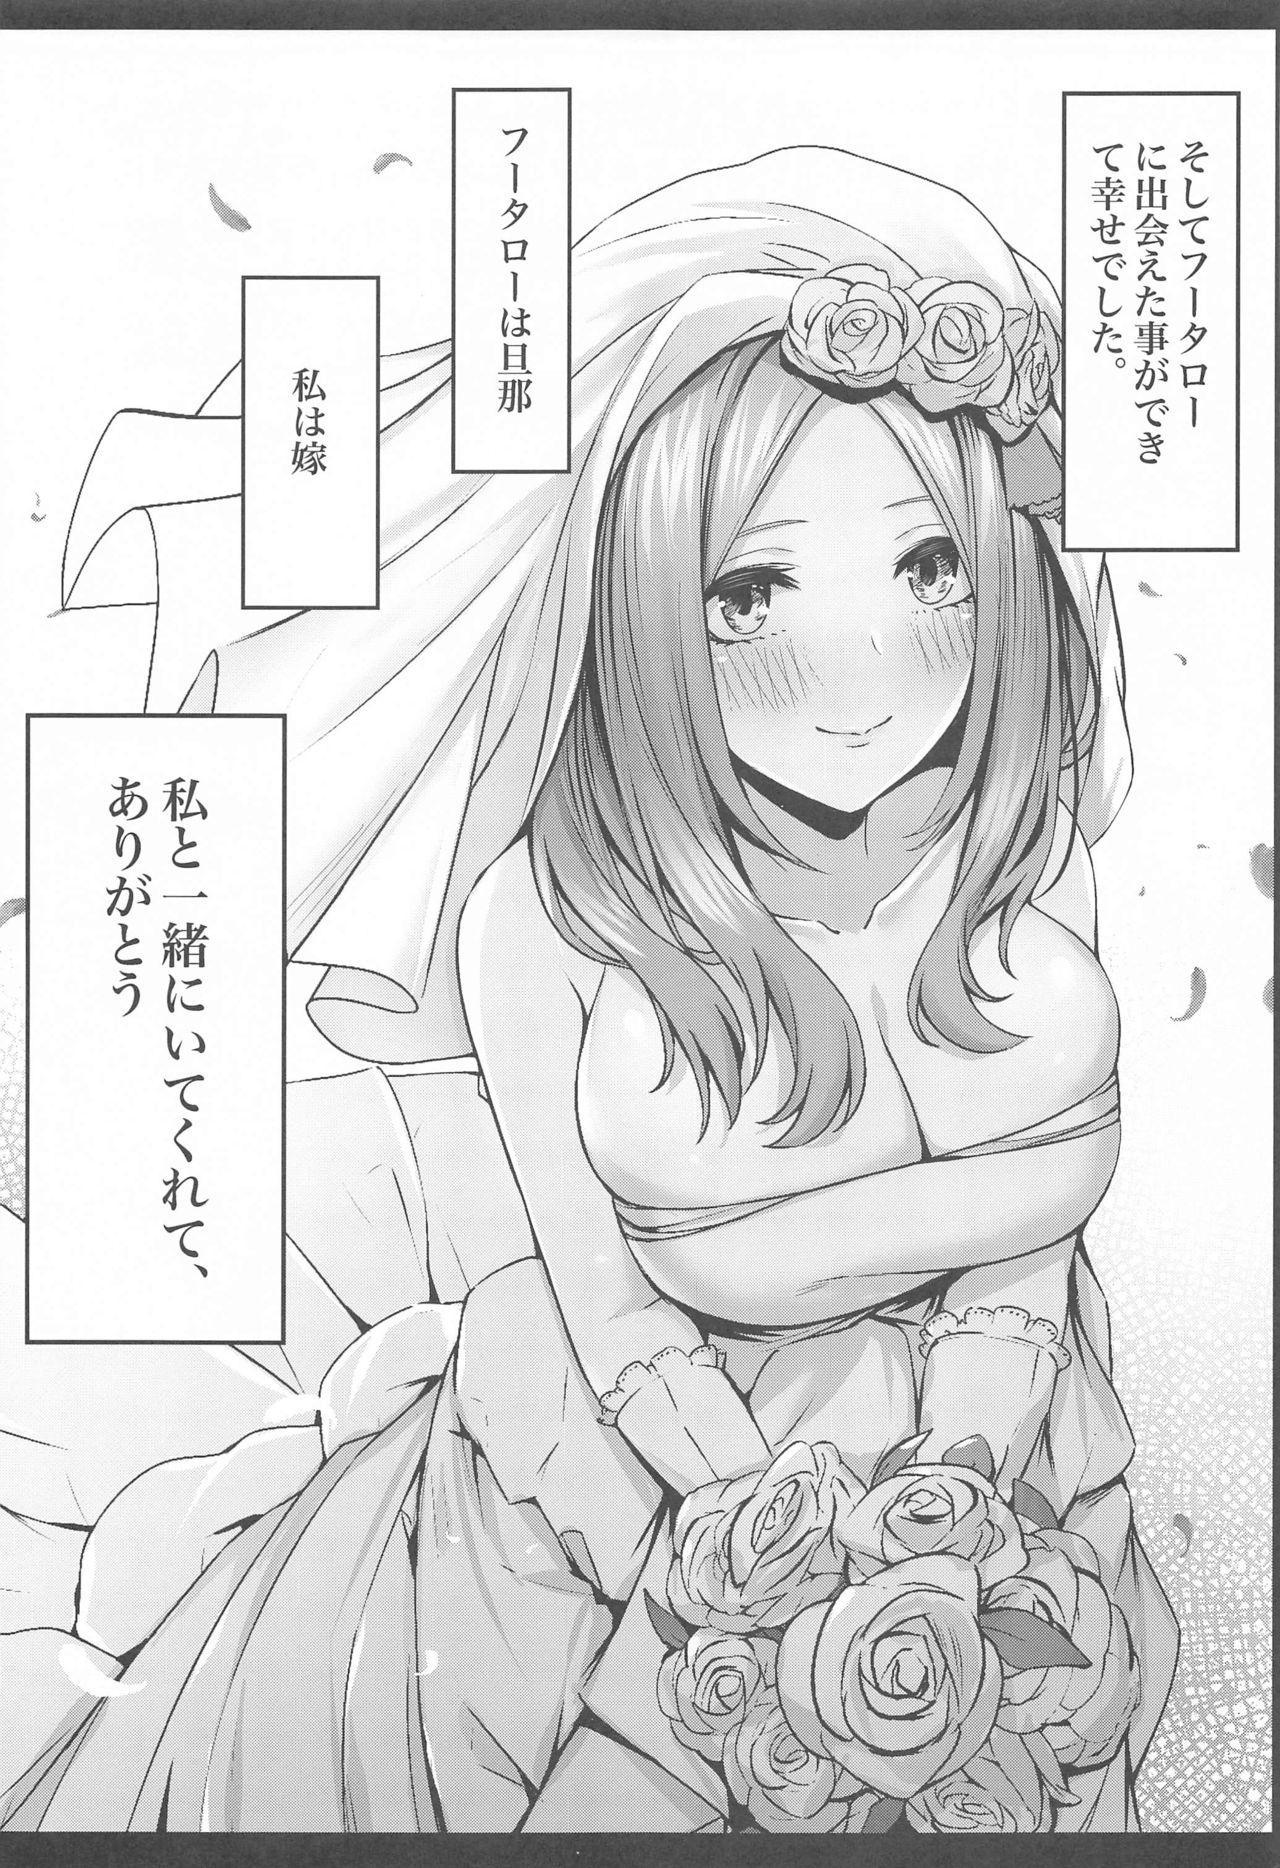 Aisuru Koto Hi no Gotoku 19